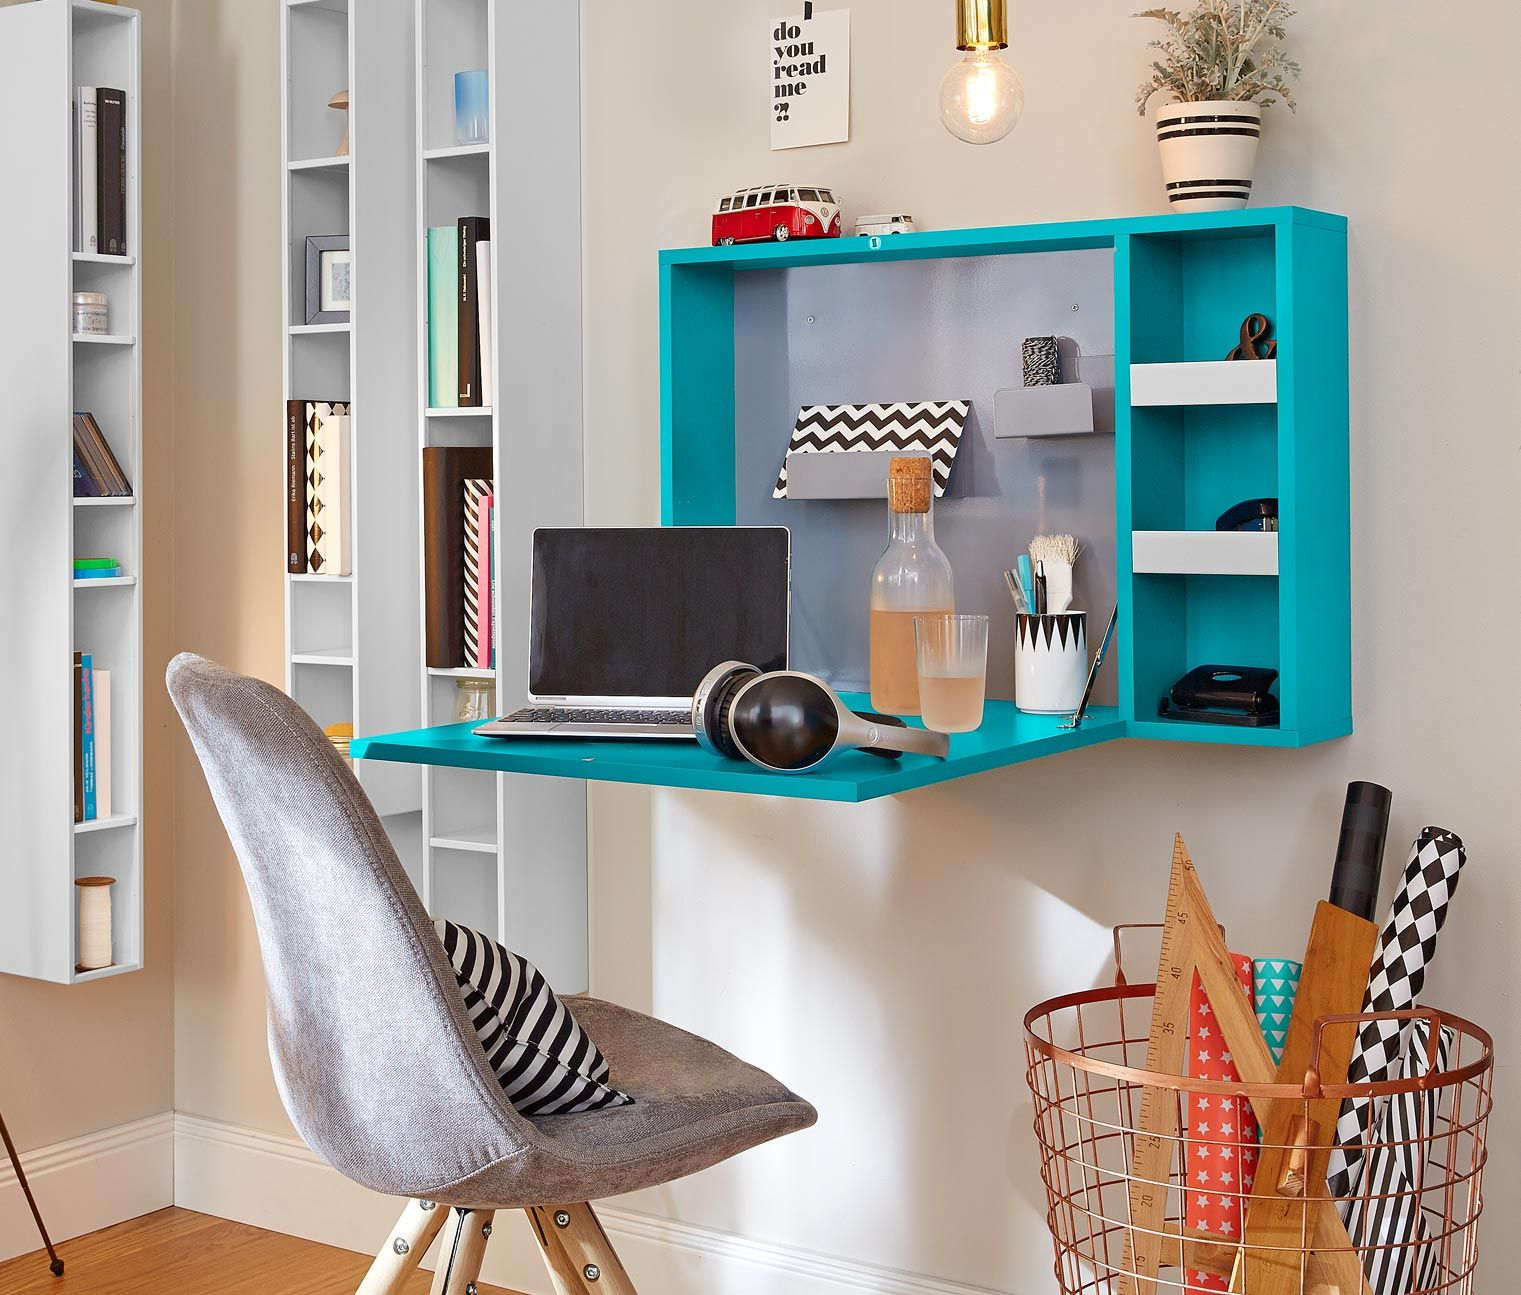 die besten 25 wandregal zum aufklappen ideen auf pinterest kingsize bett in kleinem zimmer. Black Bedroom Furniture Sets. Home Design Ideas